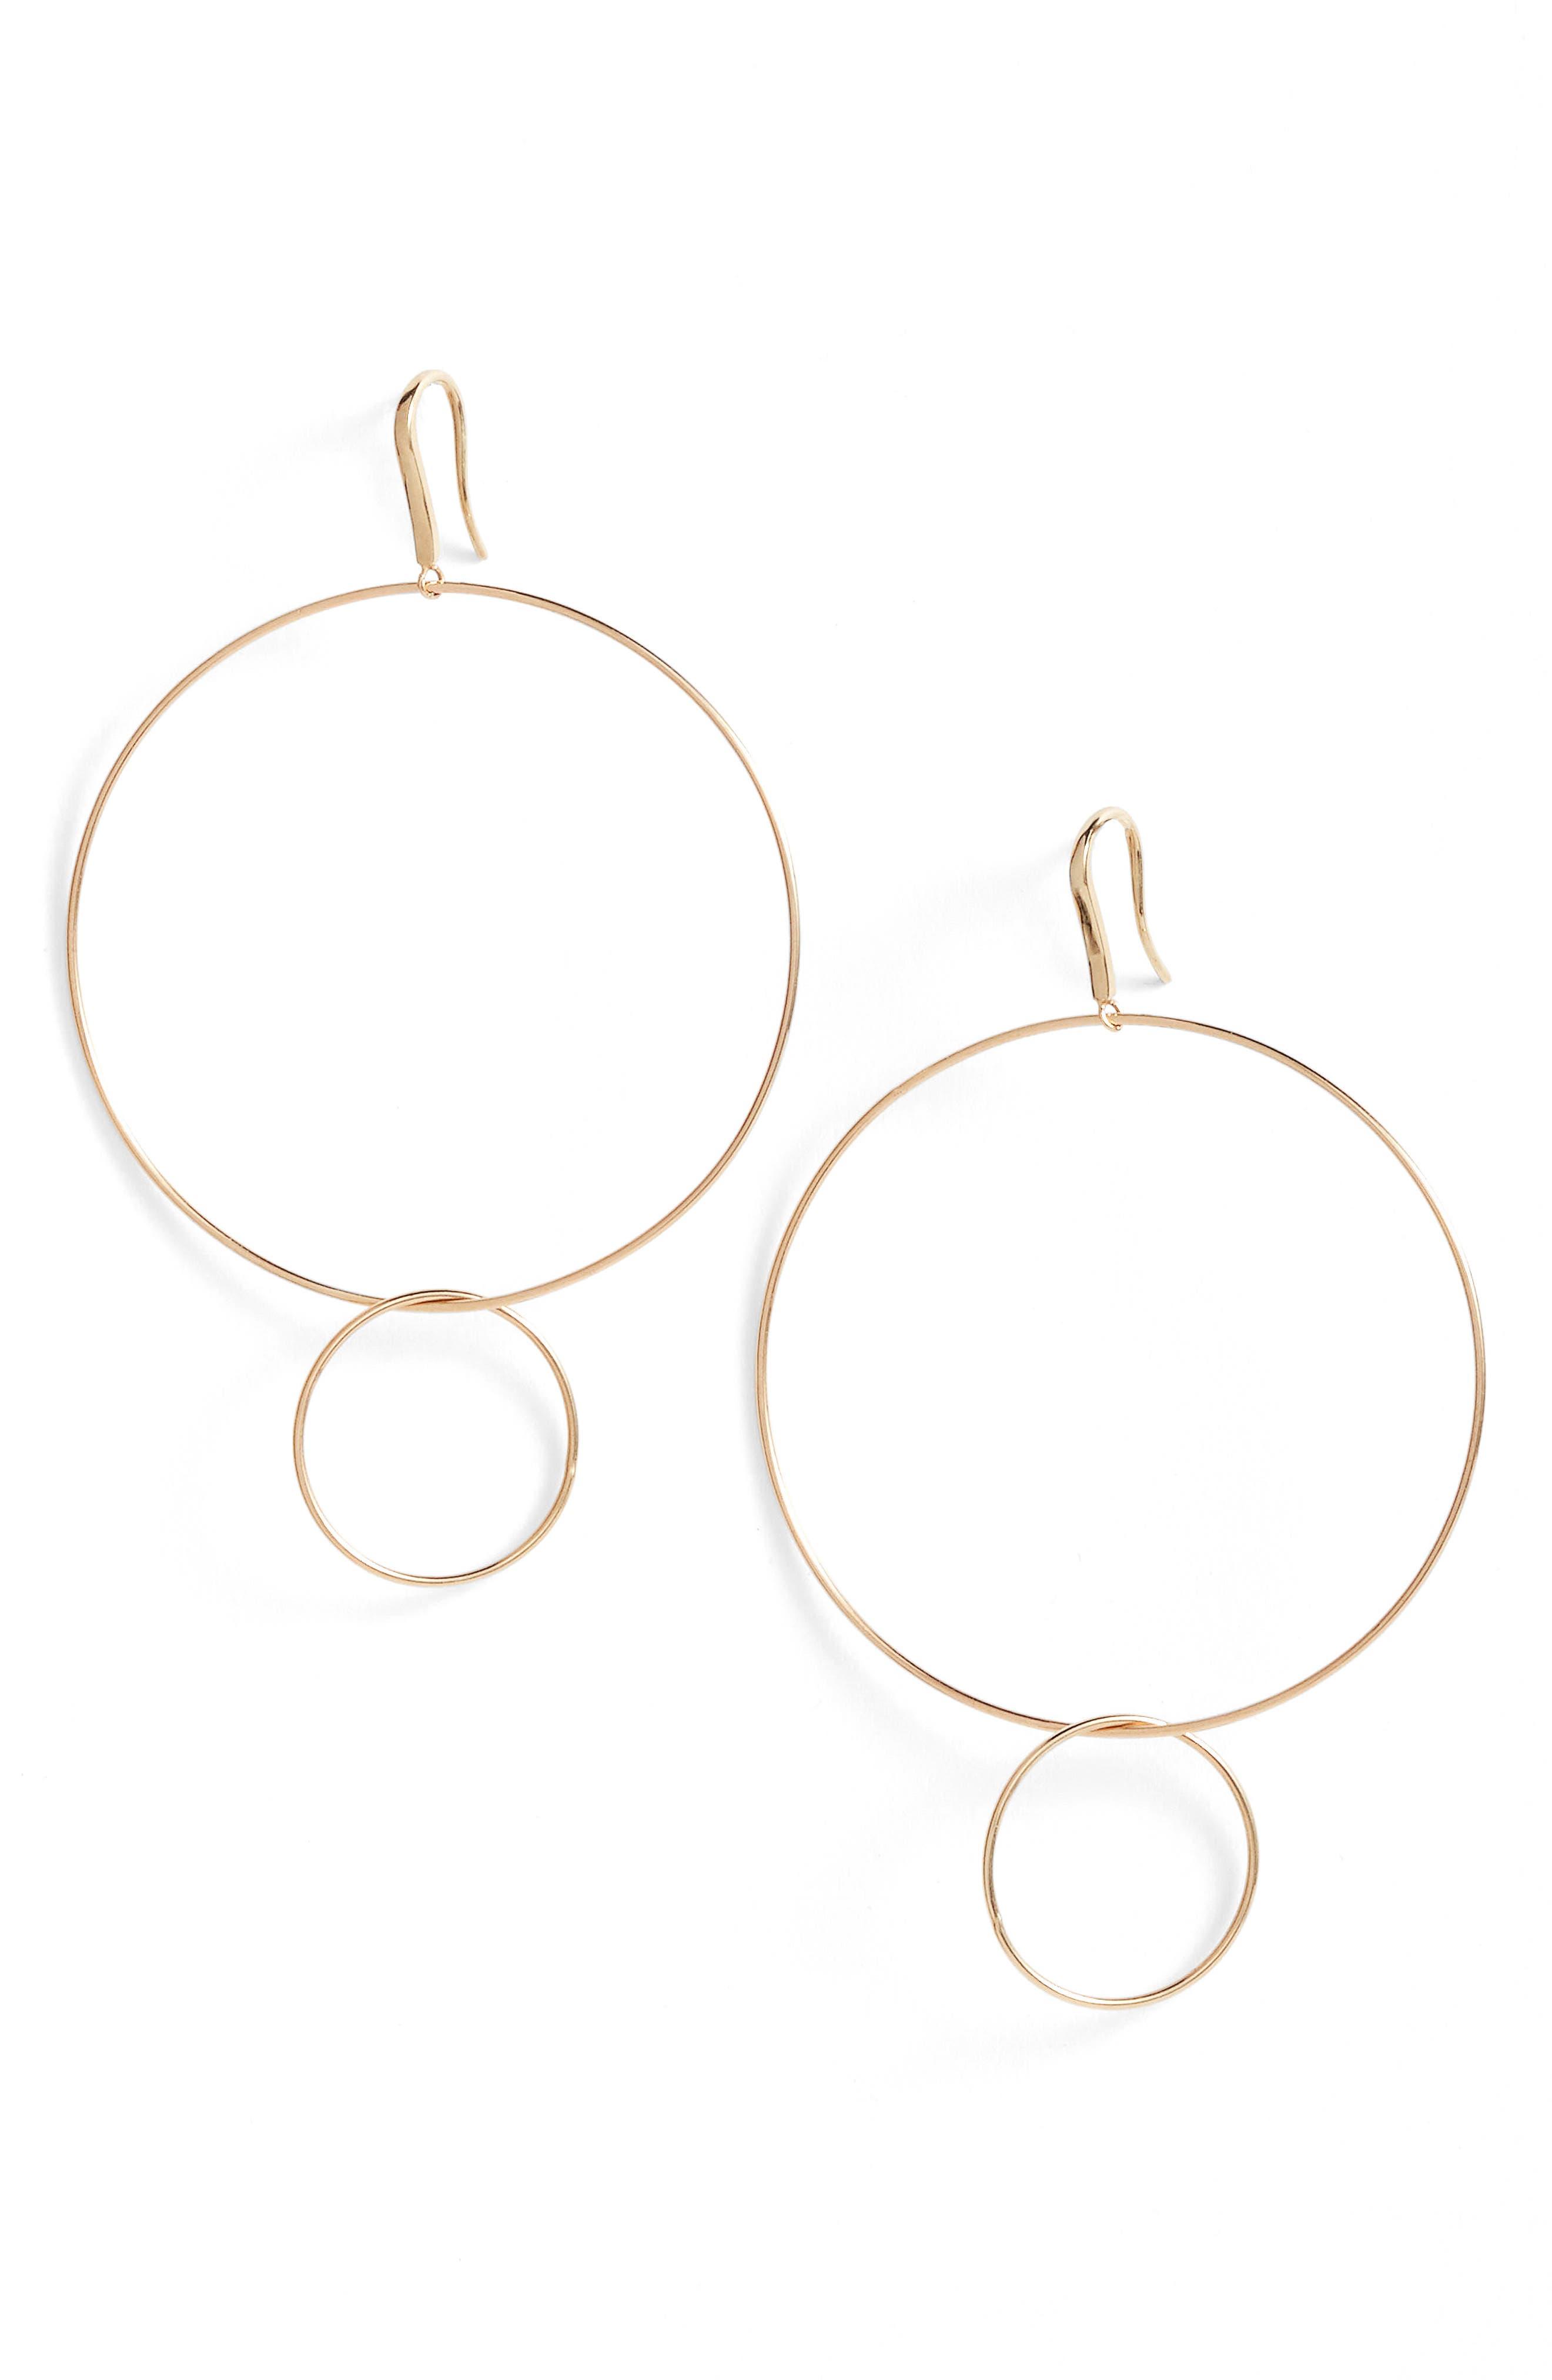 LANA JEWELRY Frontal Hoop Earrings